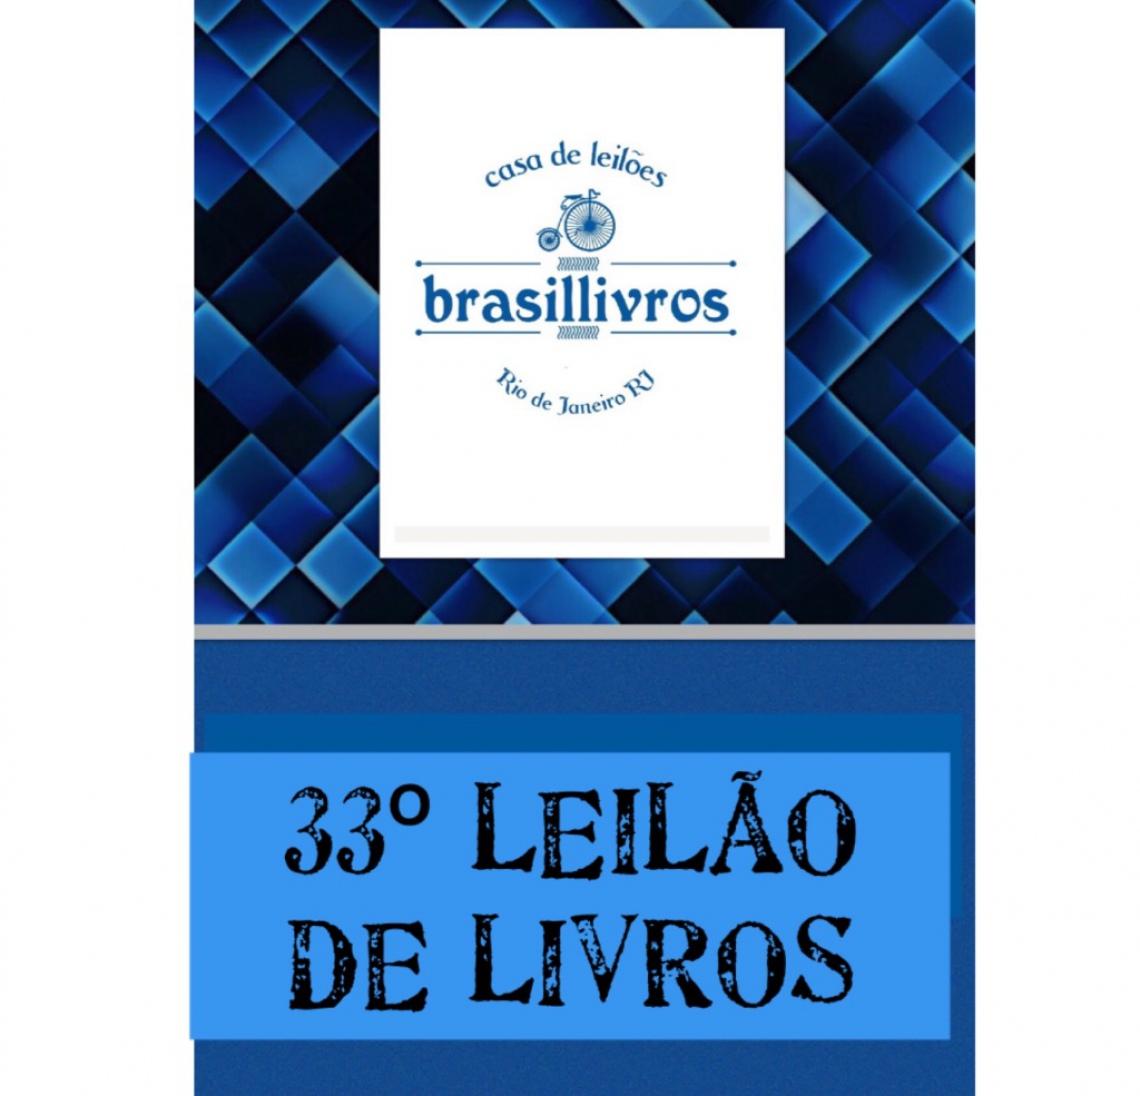 33º leilão brasileiros - acervo particular